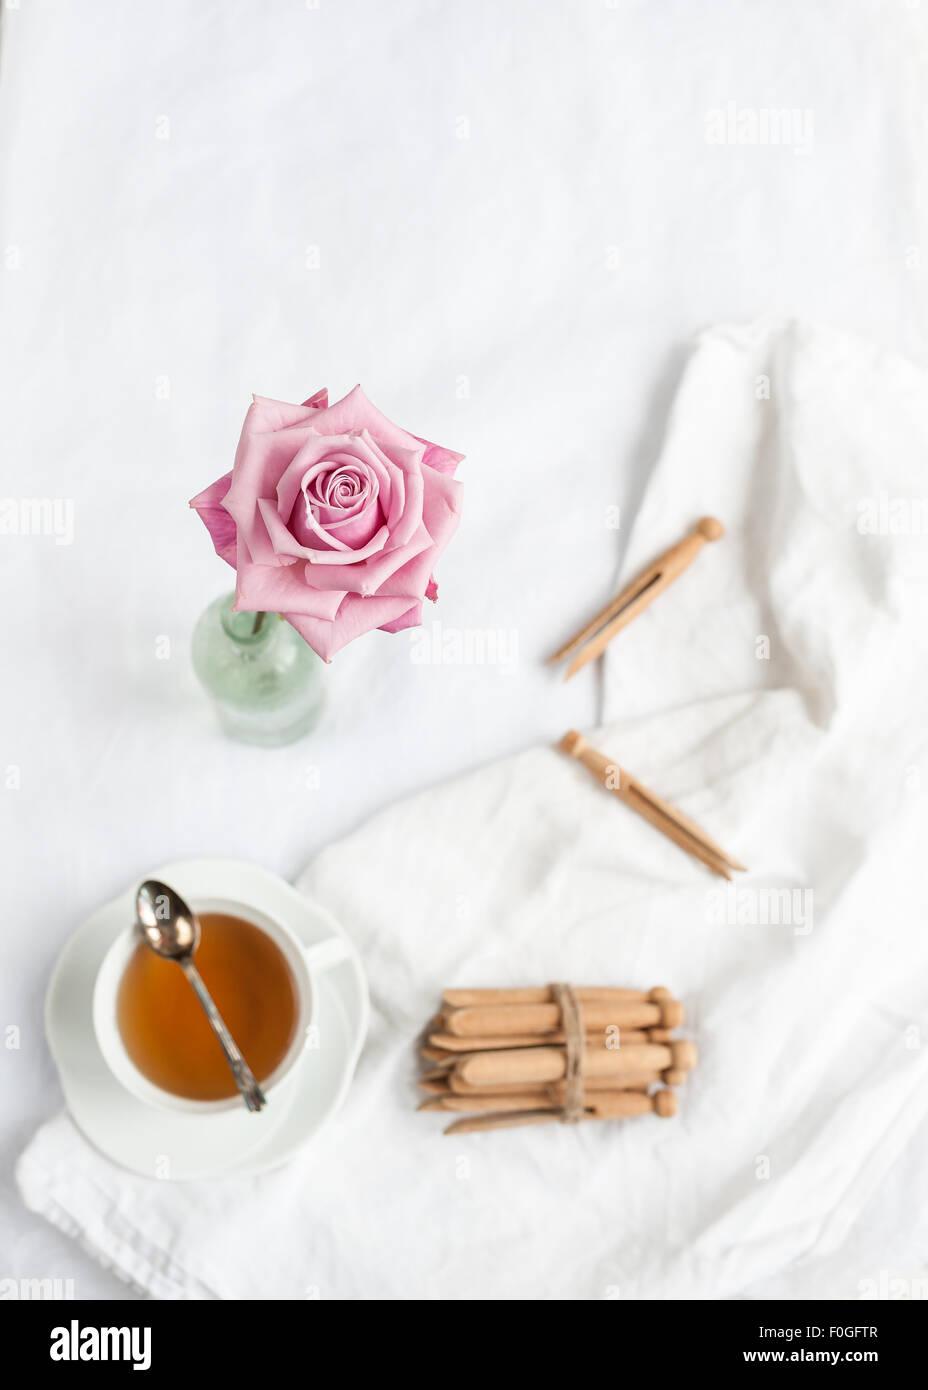 Una sola rosa rosa nel fuoco, con sfondo sfocato di tessuto bianco, tazzina con cucchiaino e dolly mollette Immagini Stock